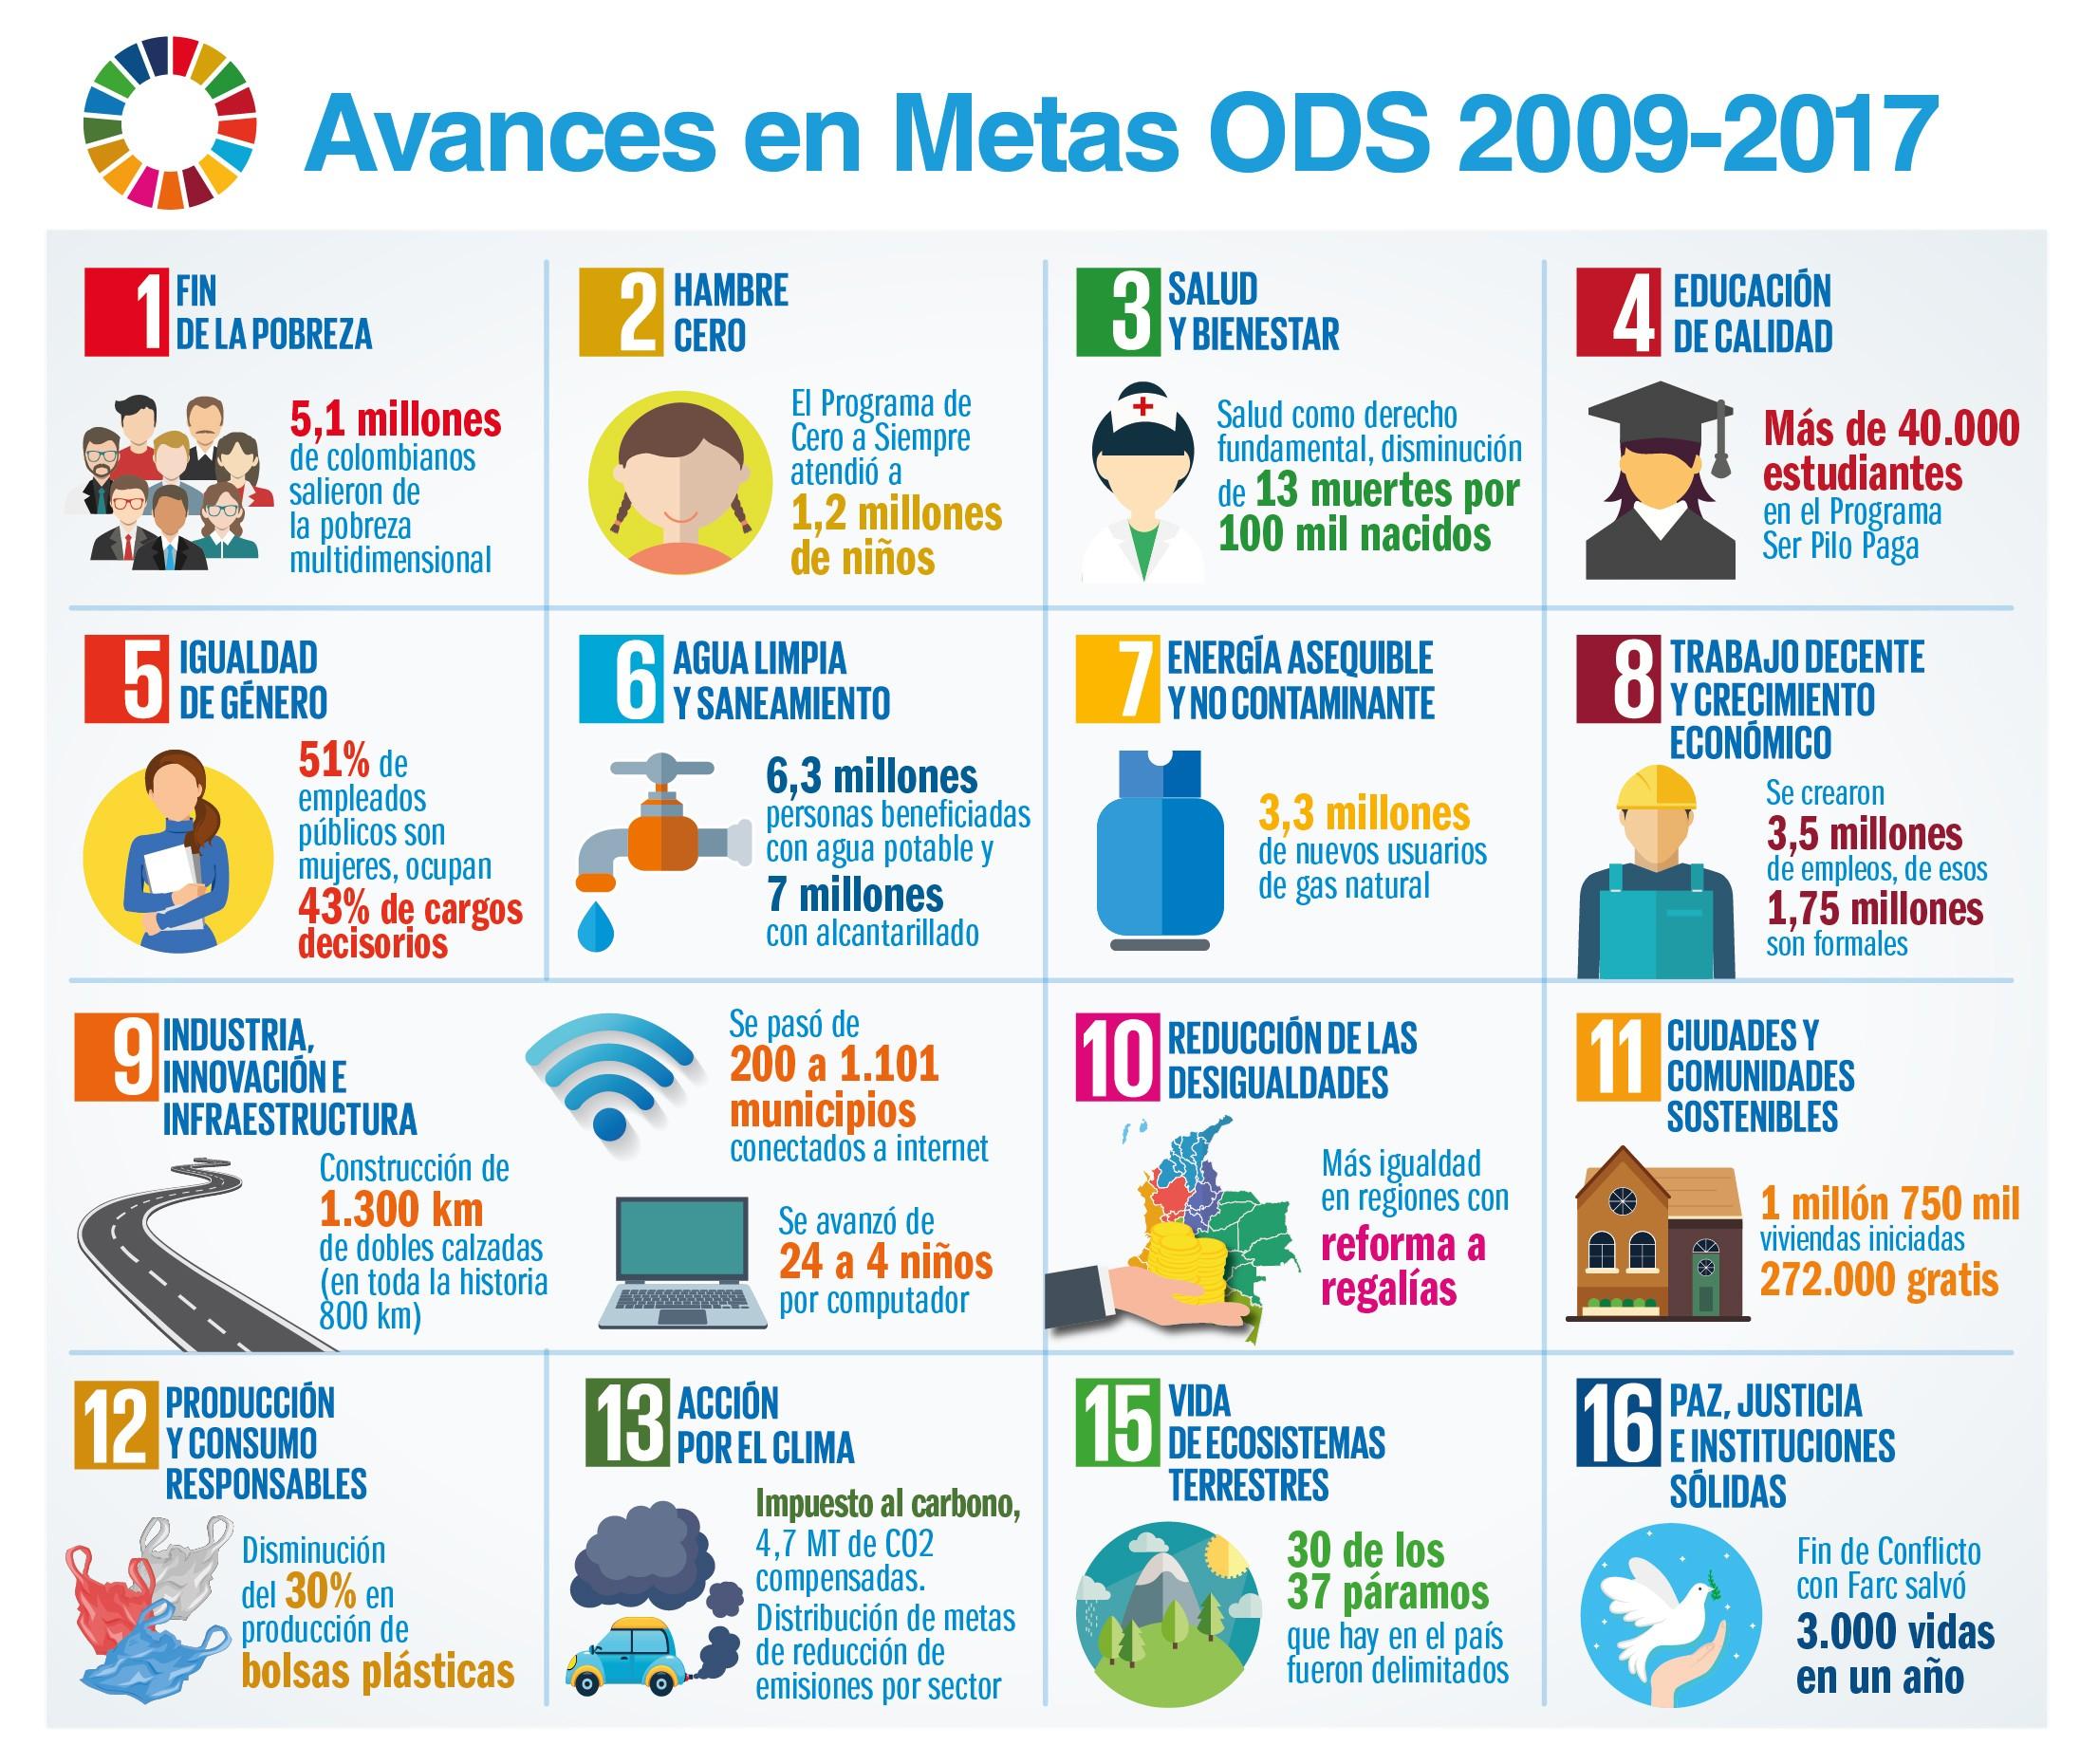 CONPES ODS 2